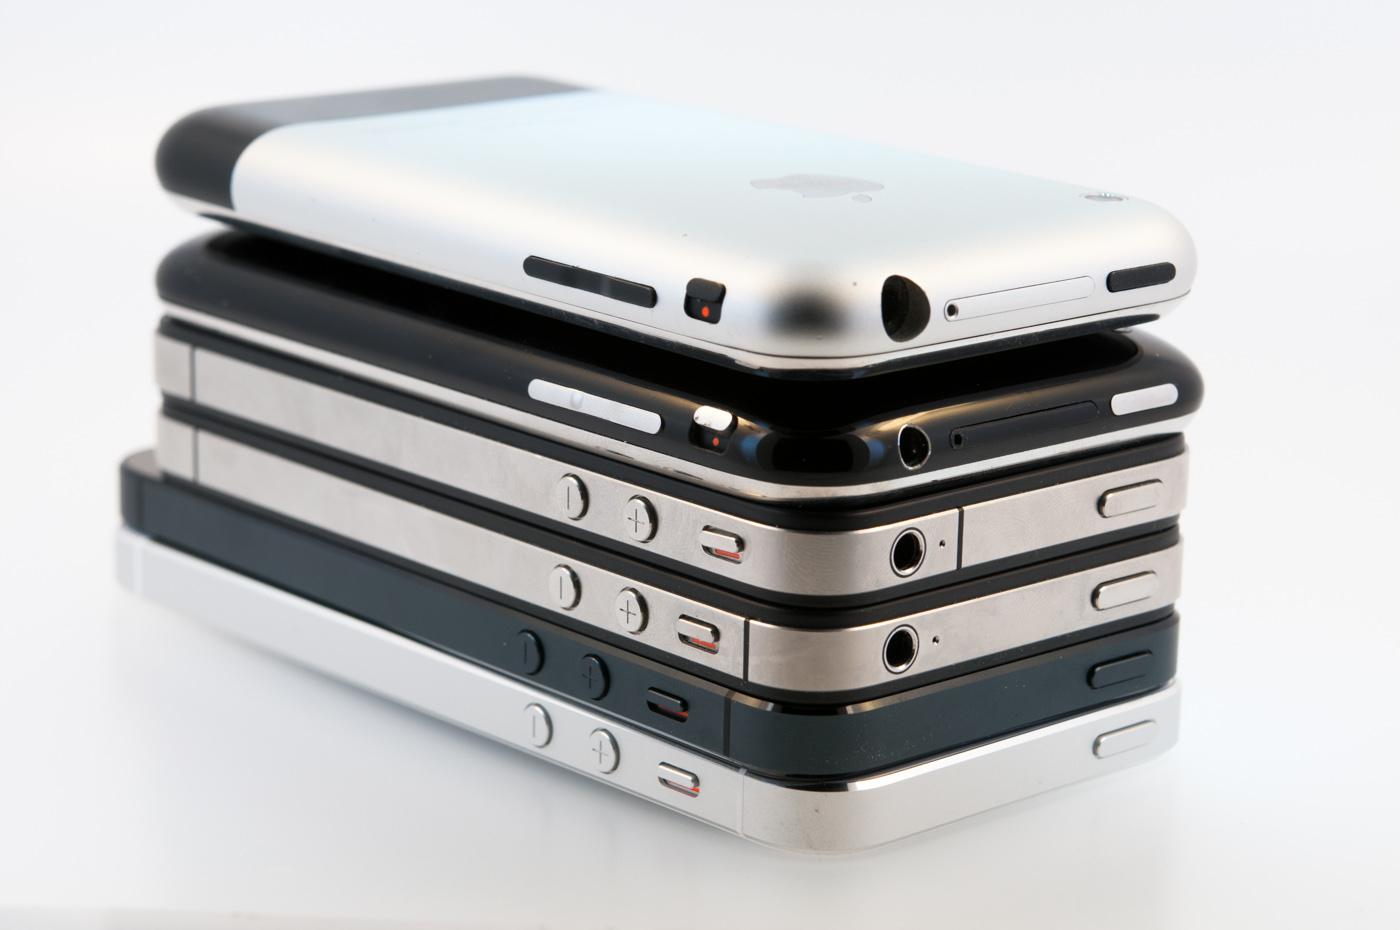 iPhone generationer - 2G till 5